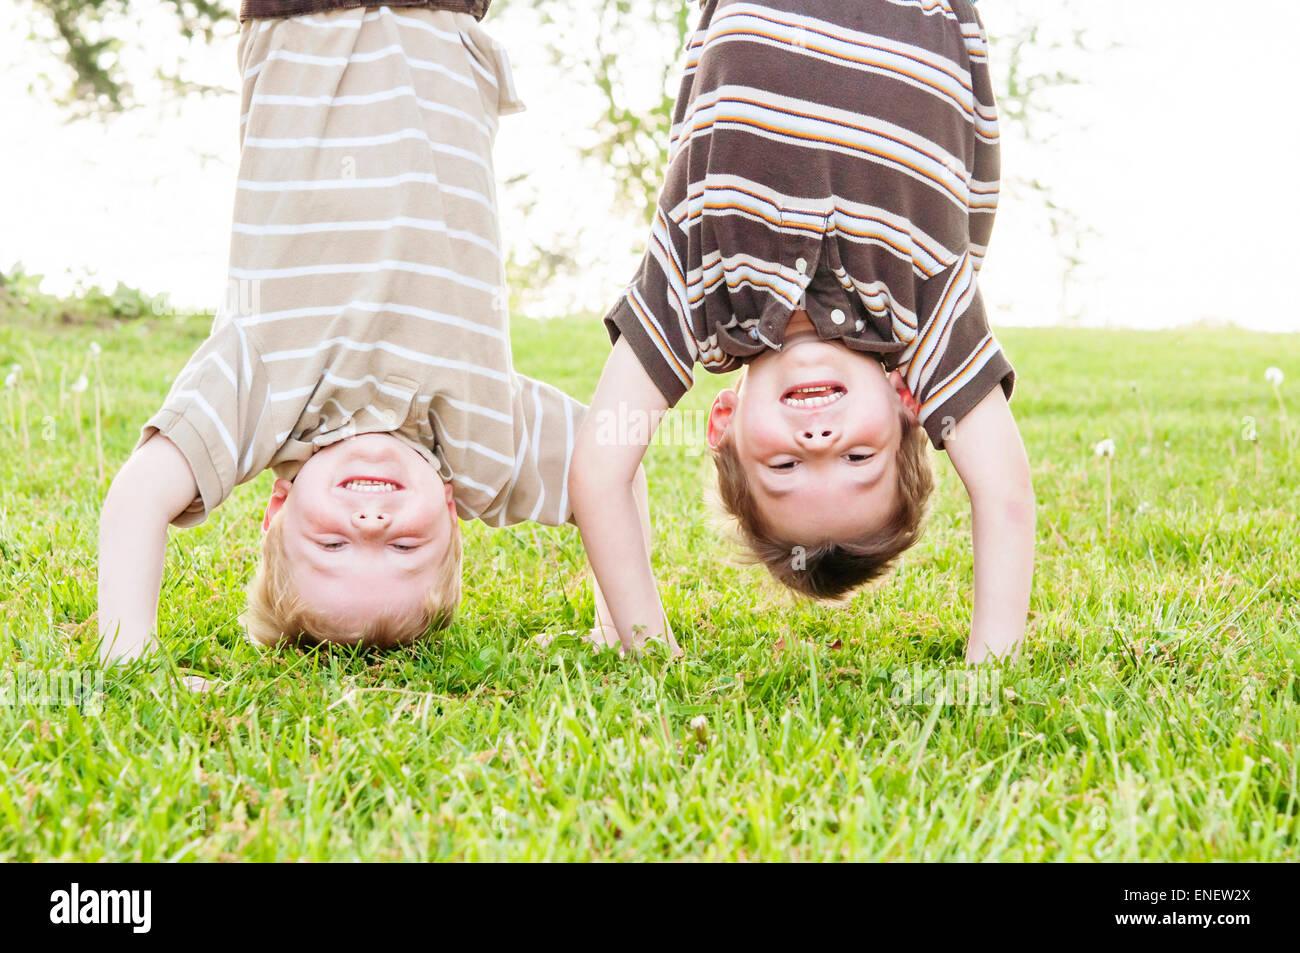 Deux garçons à l'envers Photo Stock